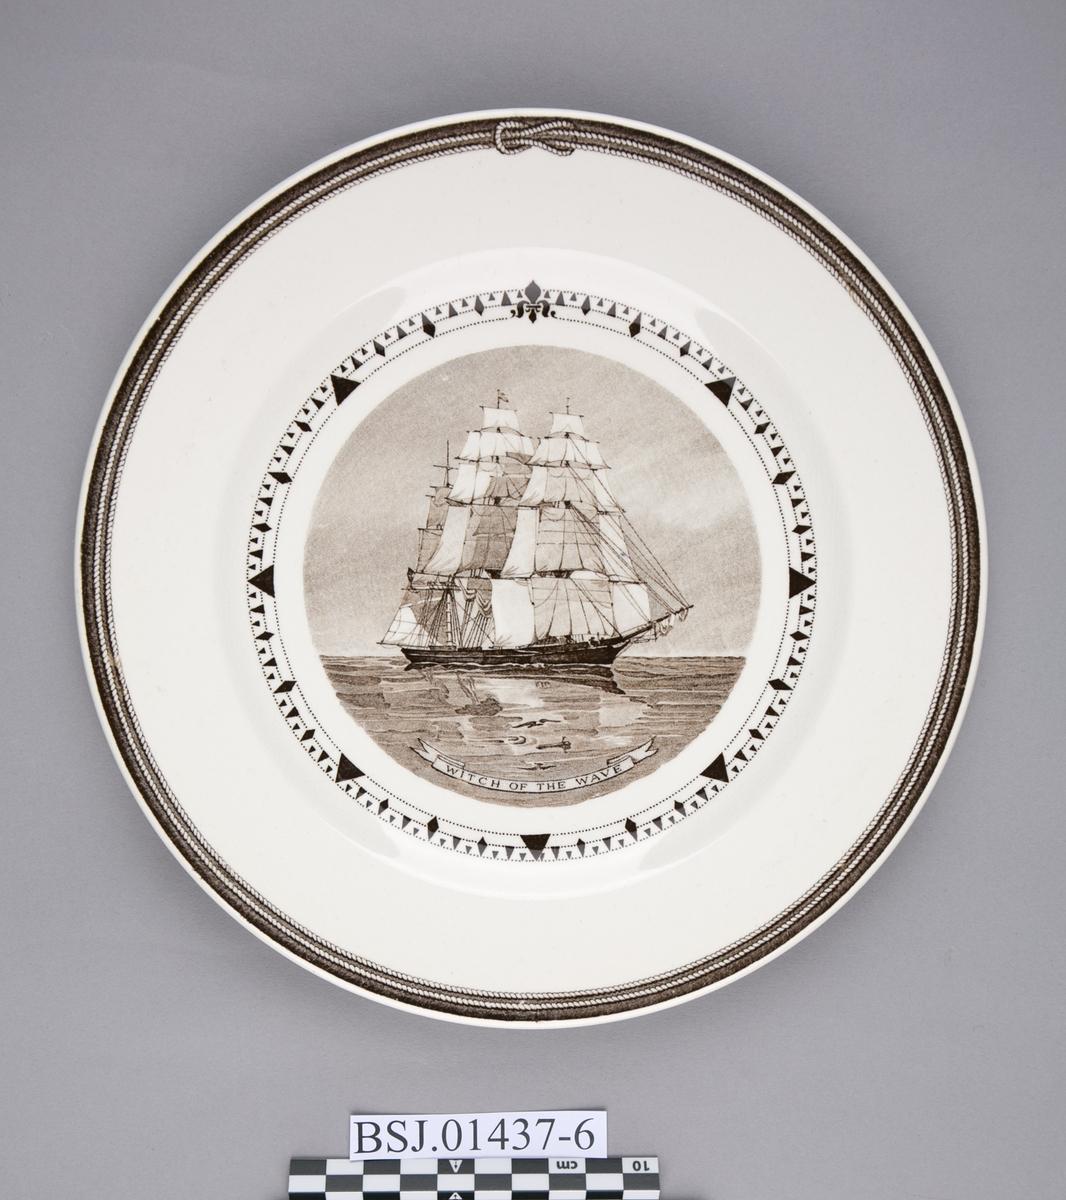 Tallerken med motiv av WITCH OF THE WAVE, amerikansk klipper skip